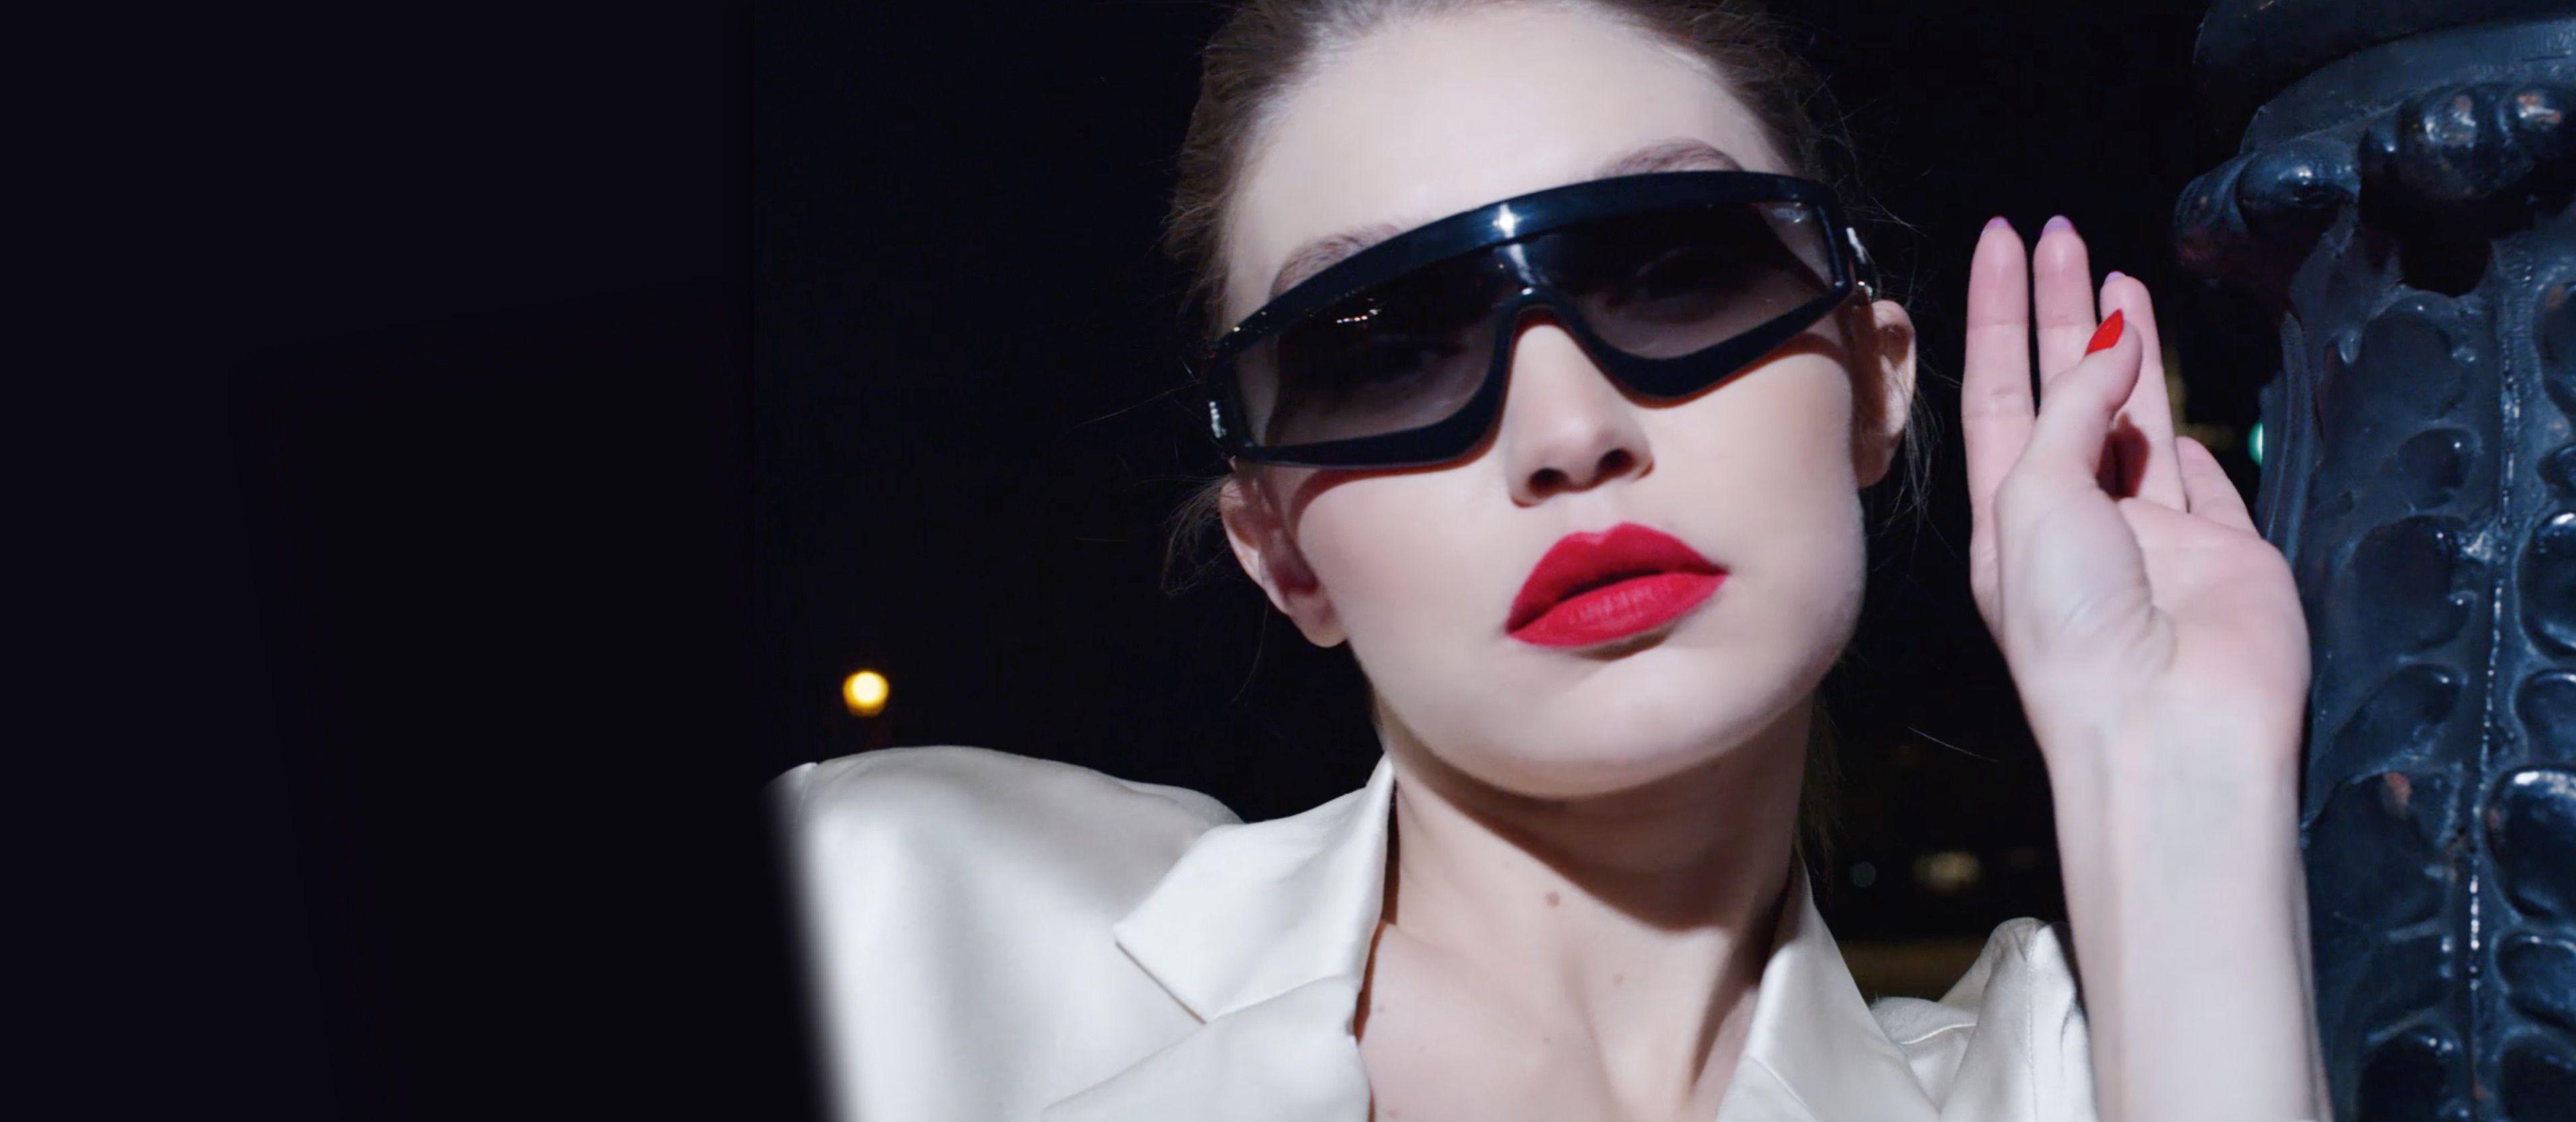 Collezione Vogue 2019